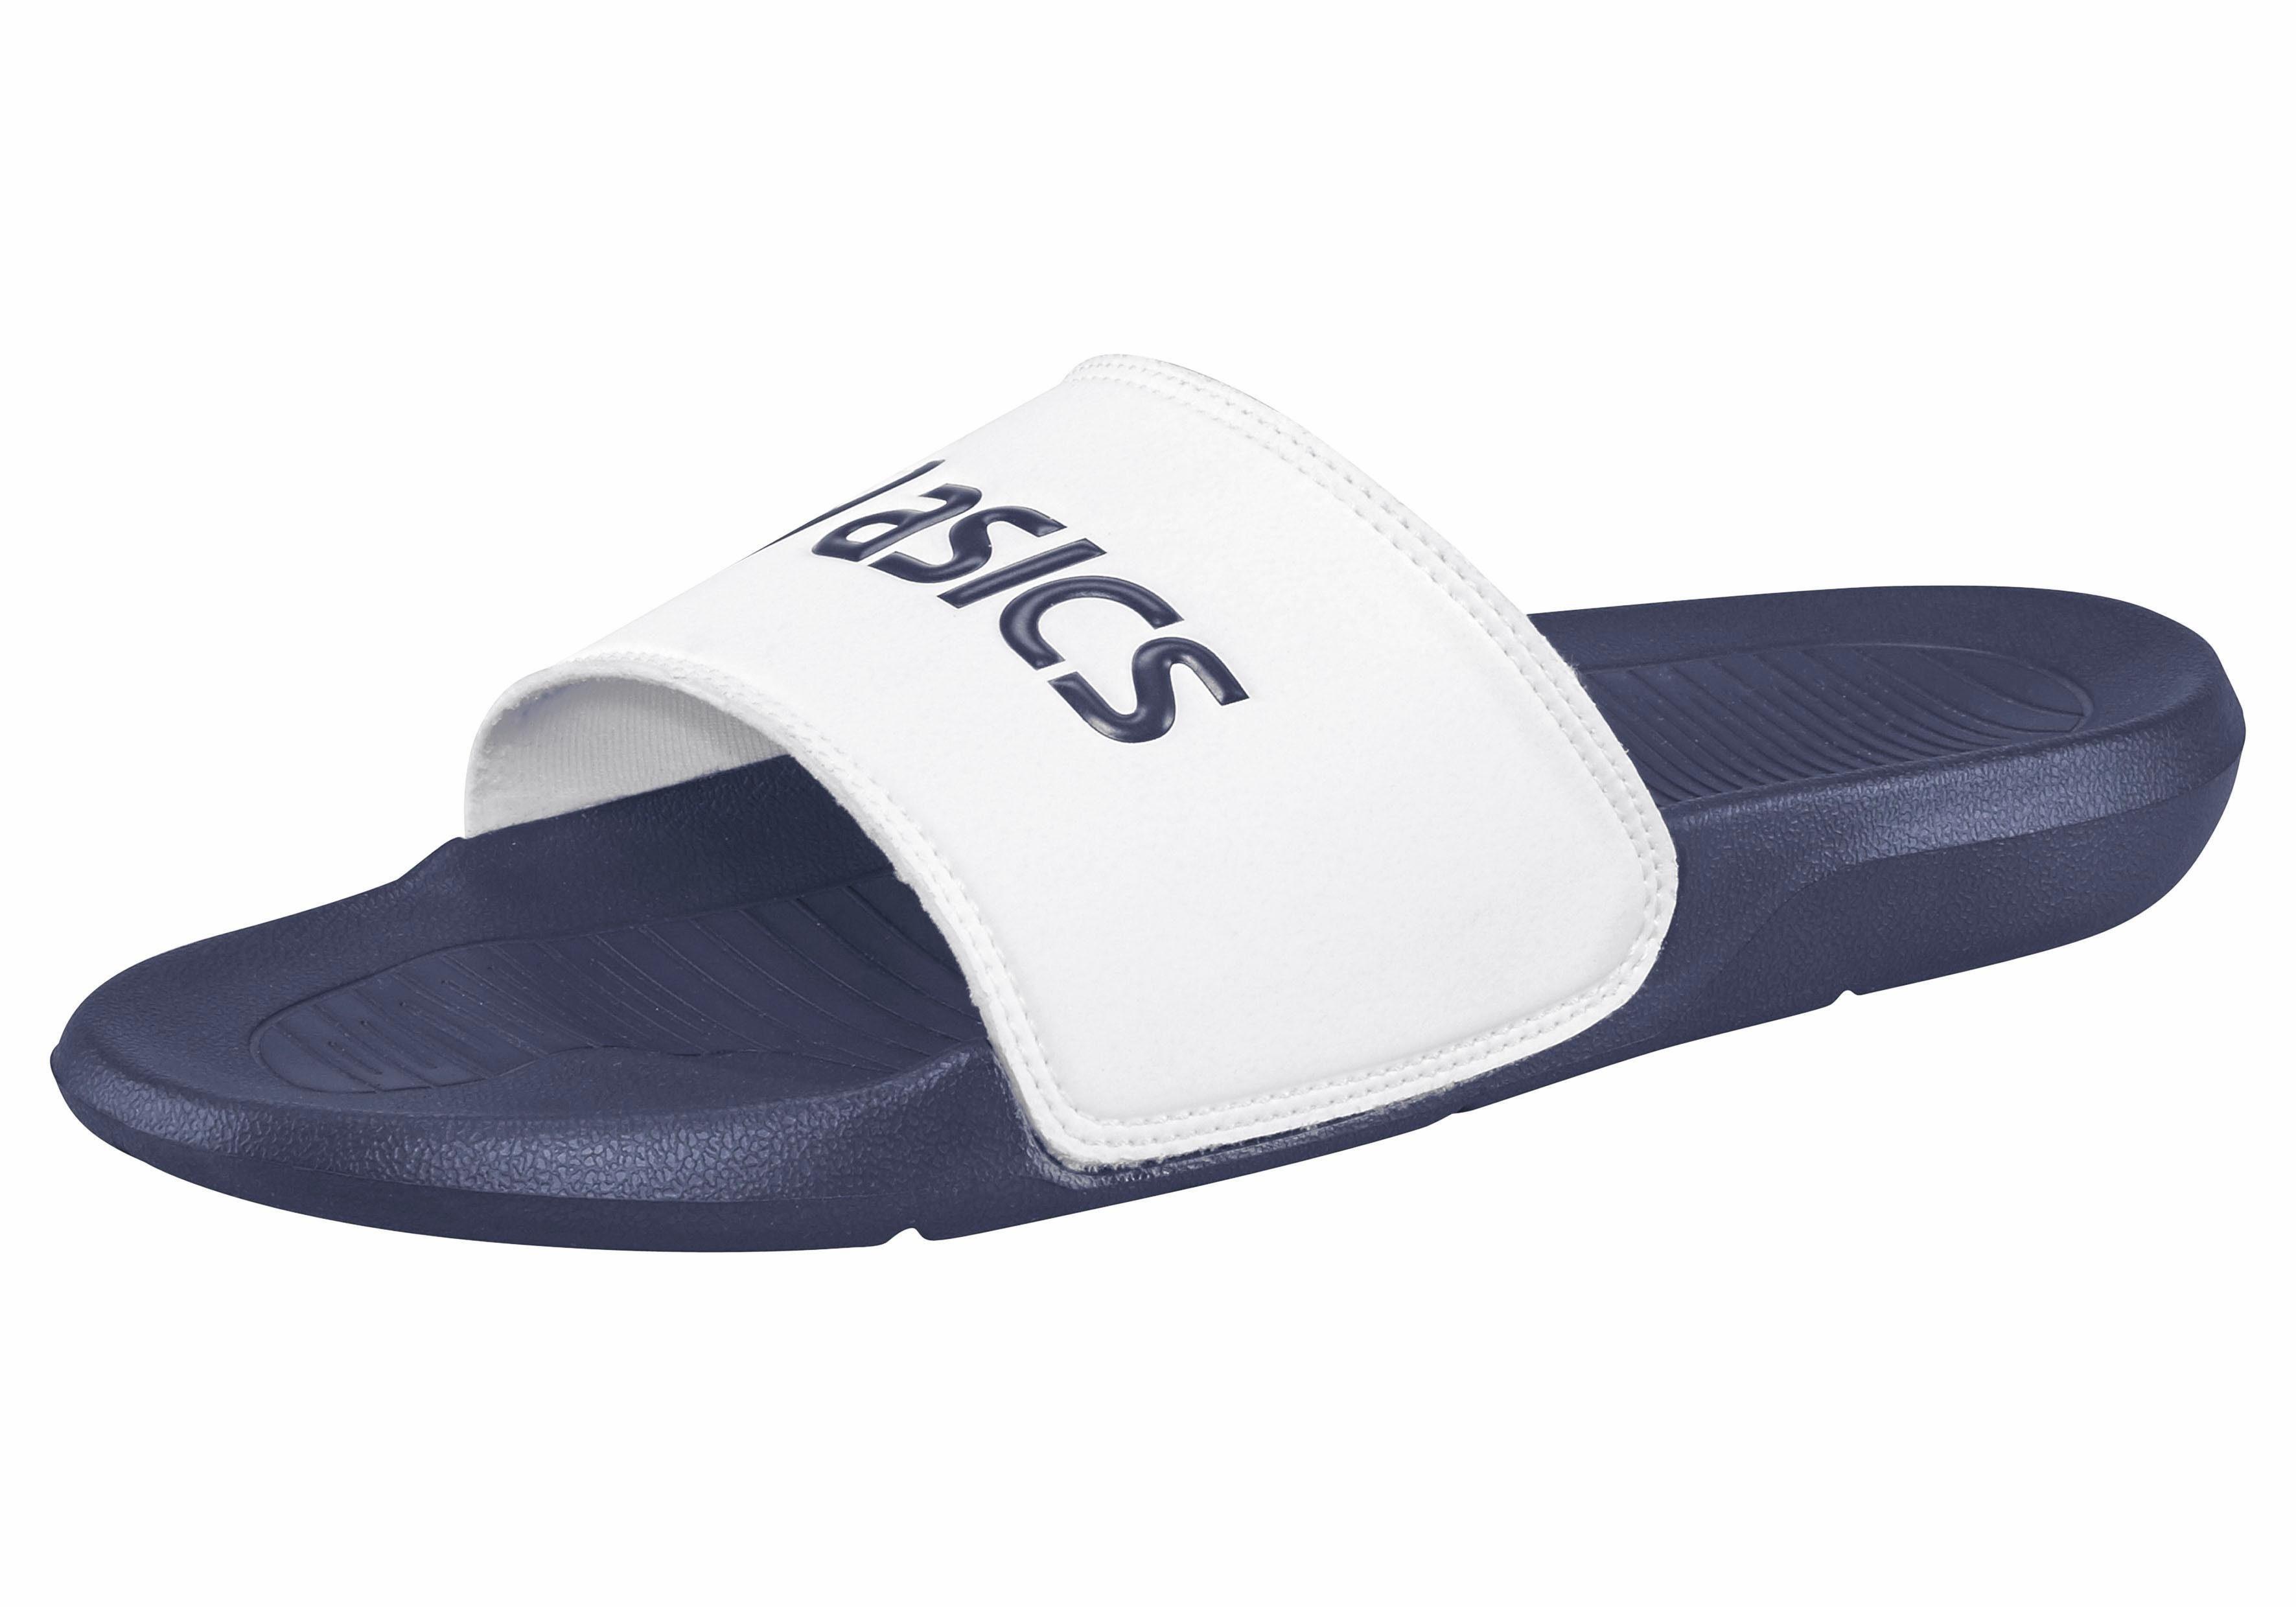 Asics AS003 Badesandale online kaufen  blau-weiß